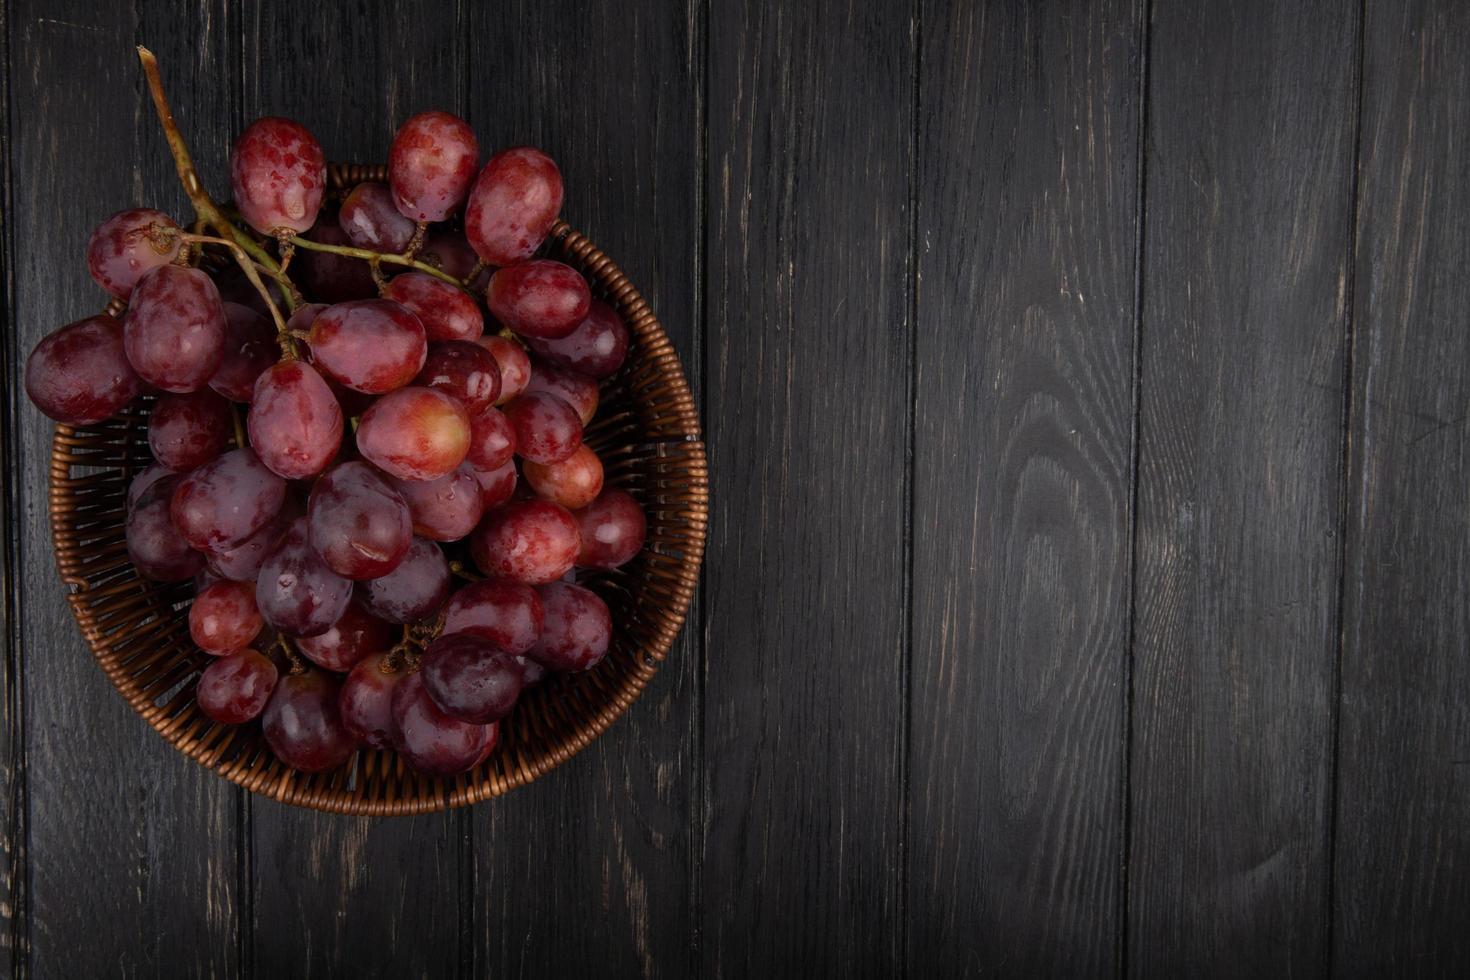 Vue de dessus des raisins rouges dans un panier en osier sur fond de bois foncé photo